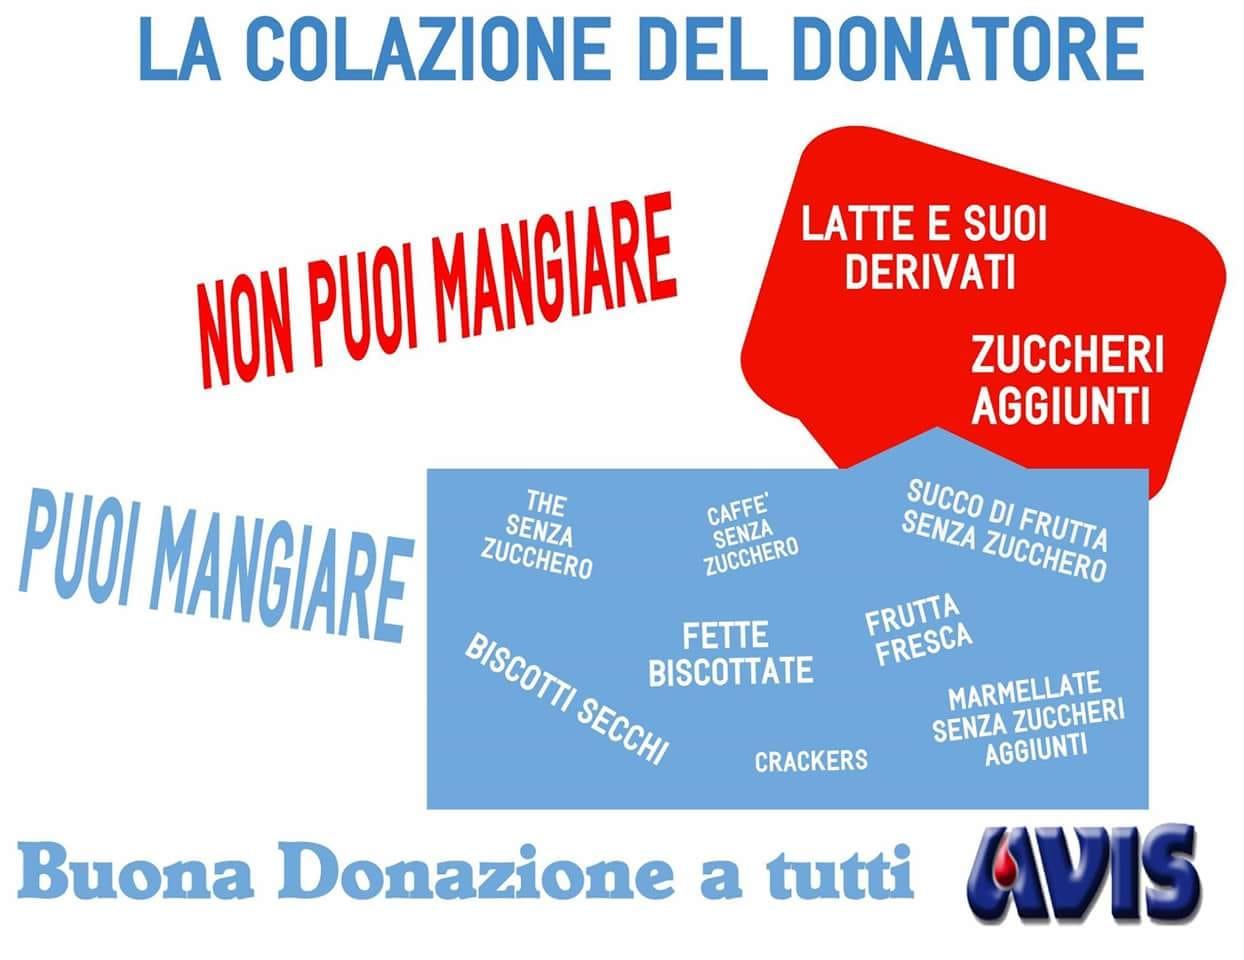 LA COLAZIONE DEL DONATORE!